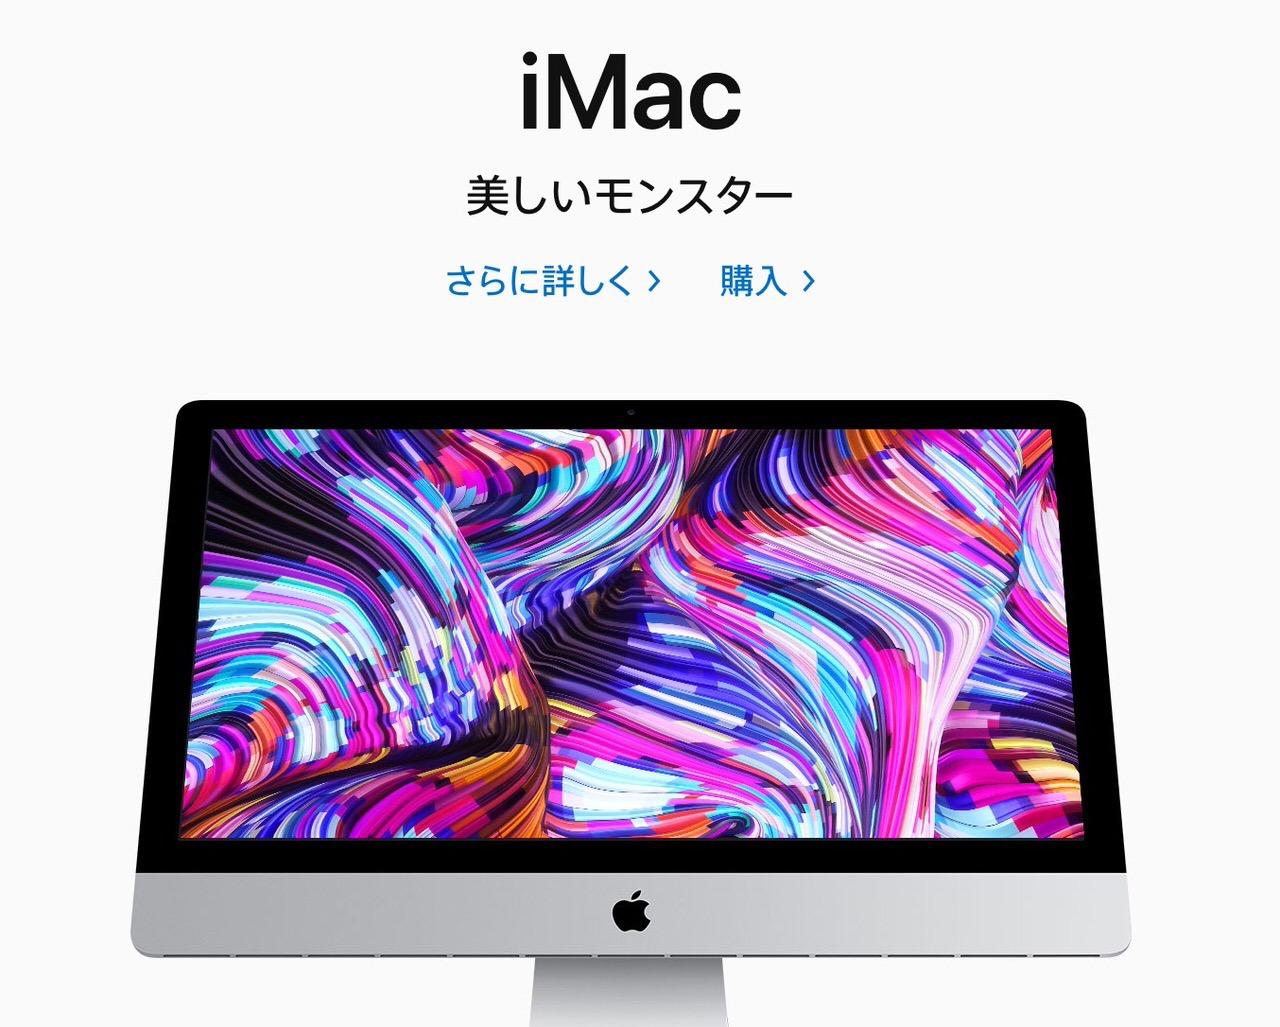 Appleが「iMac」をアップデート 〜第8世代または第9世代Intel Coreプロセッサ搭載